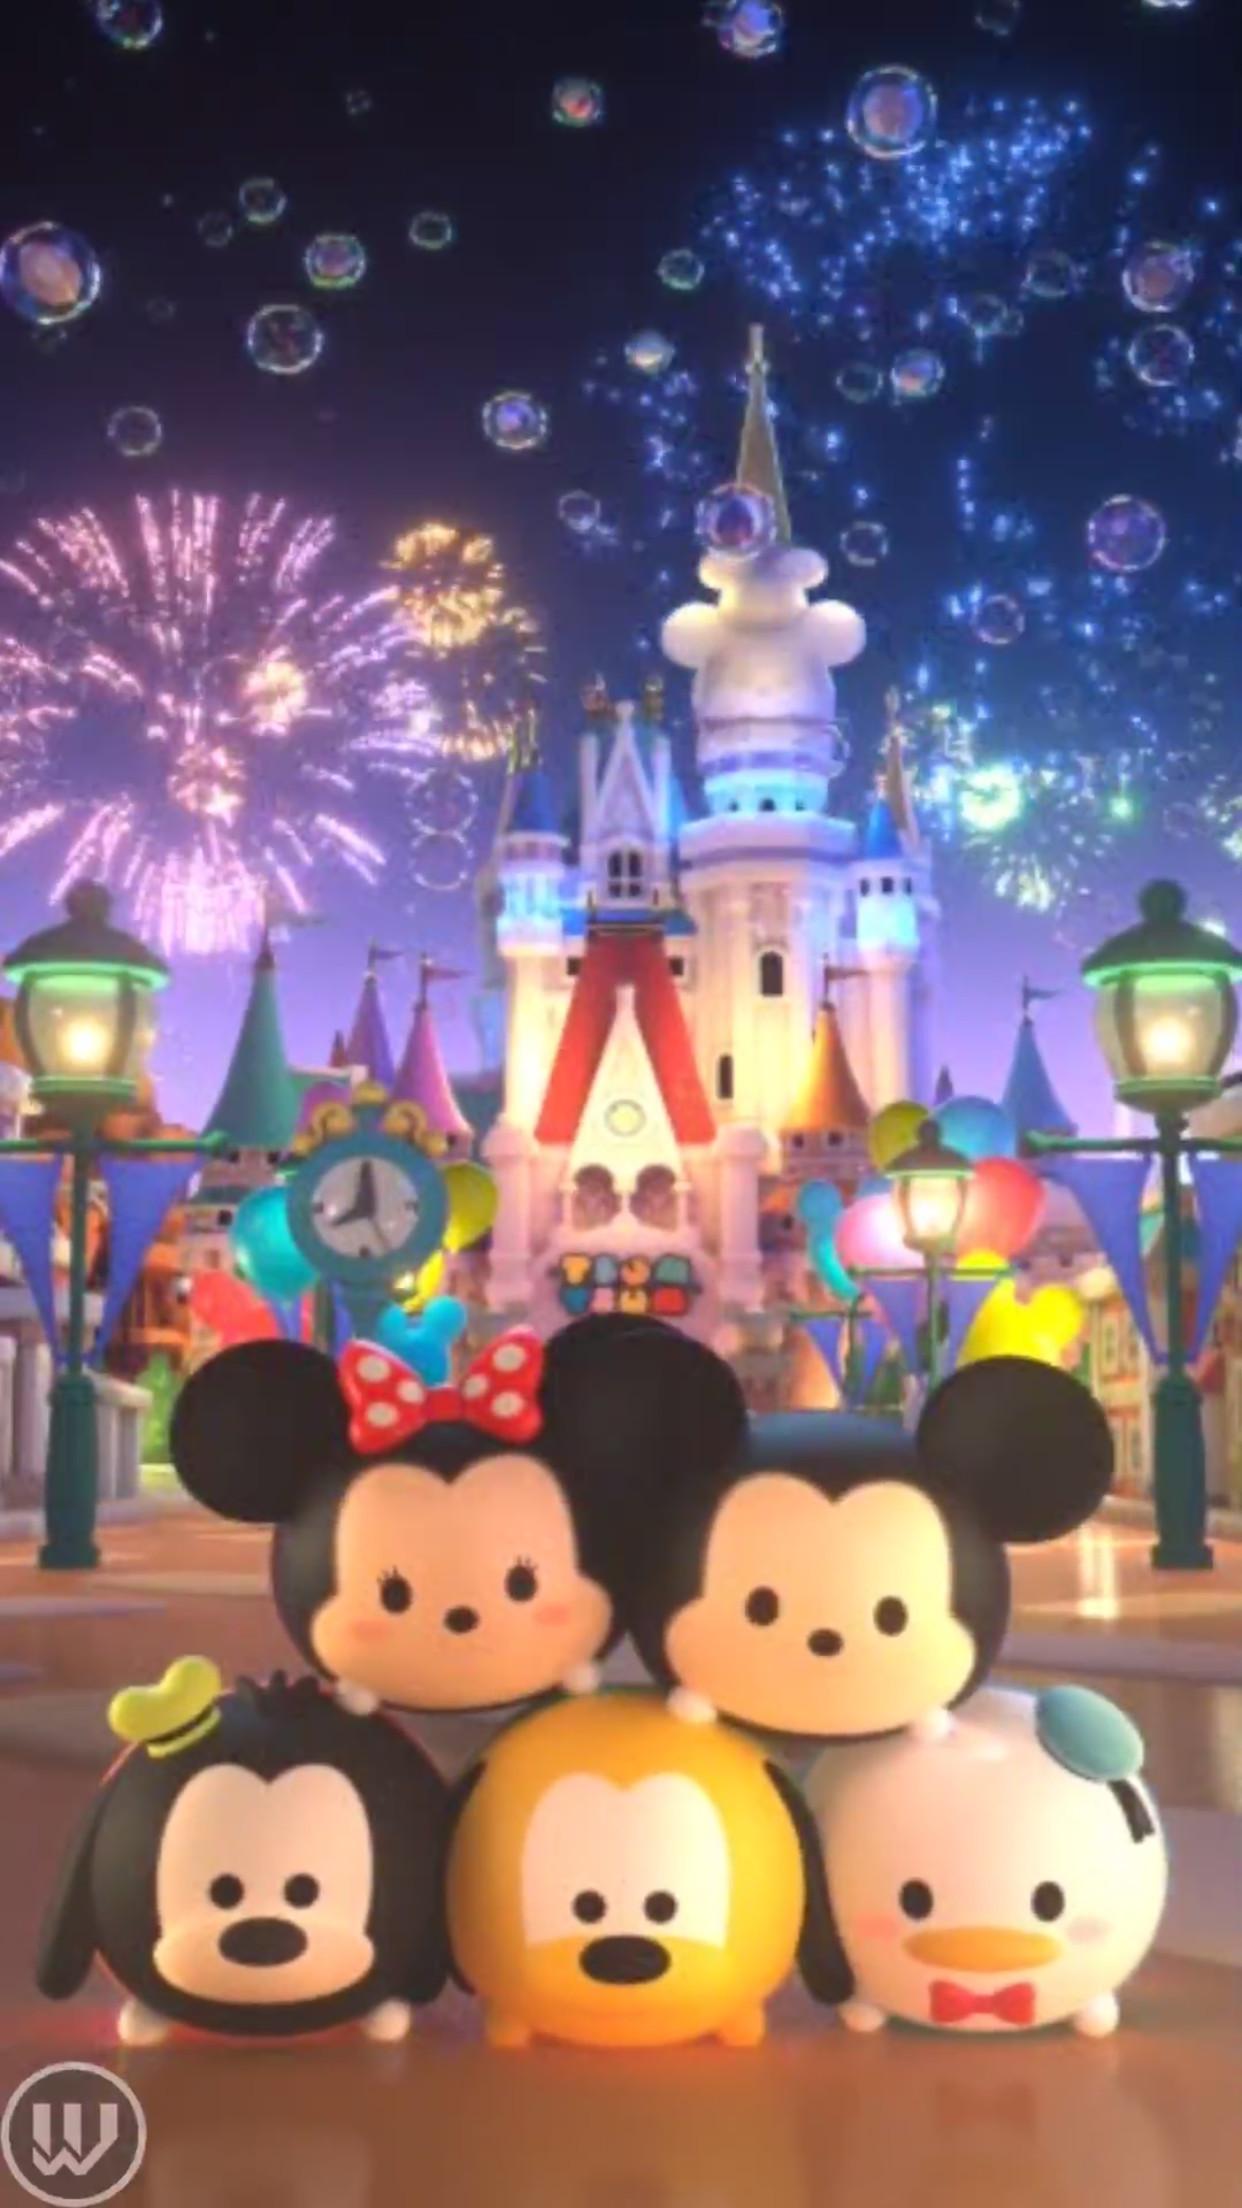 ▲▼《Disney Tsum Tsum Land》。(圖/翻攝自遊戲畫面)